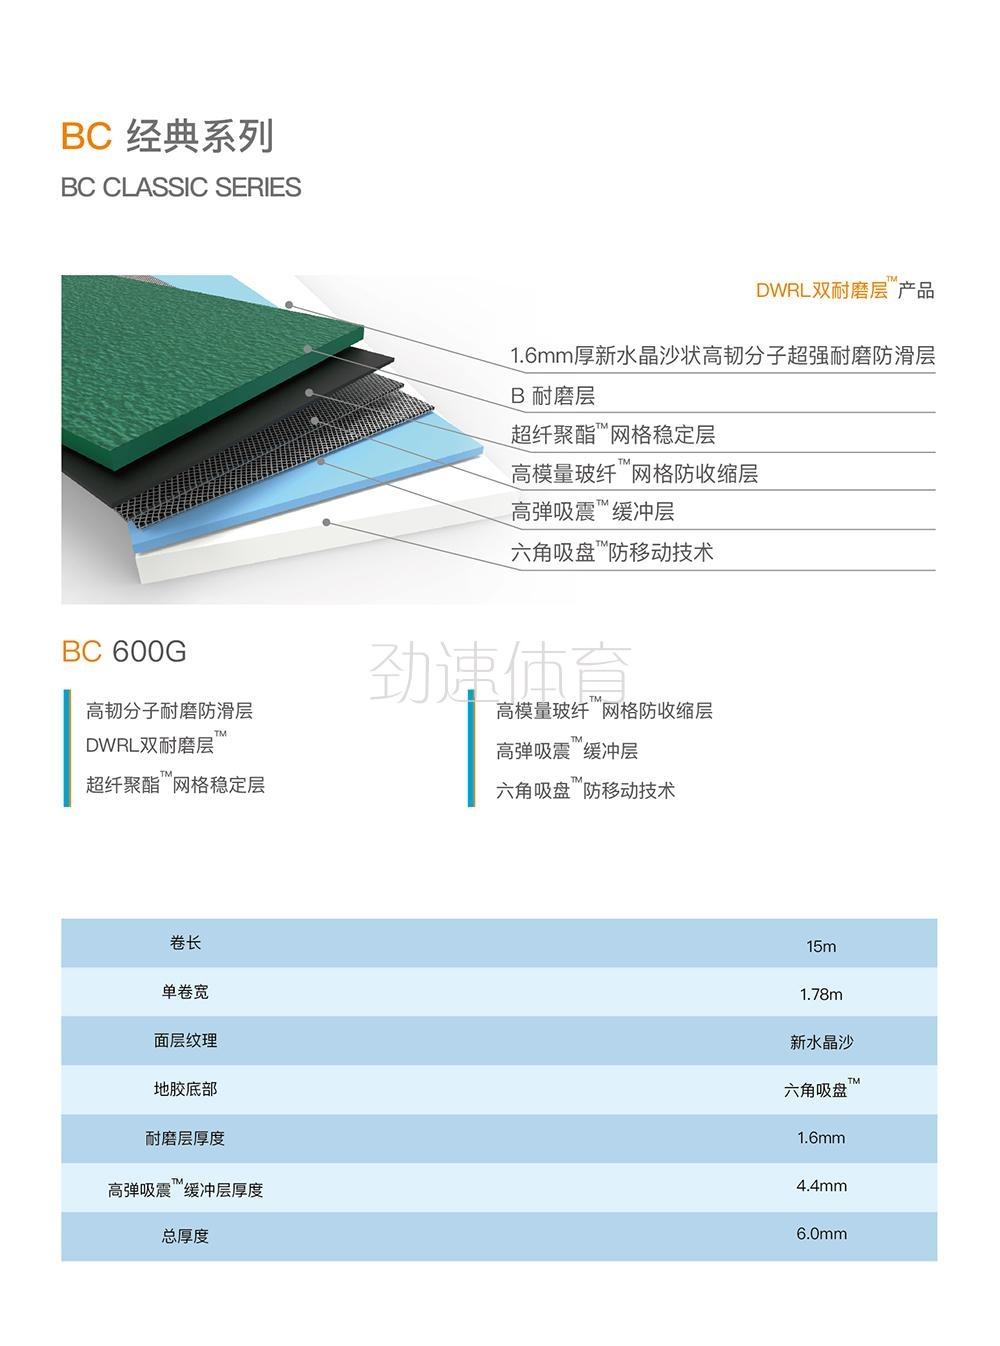 BC600G